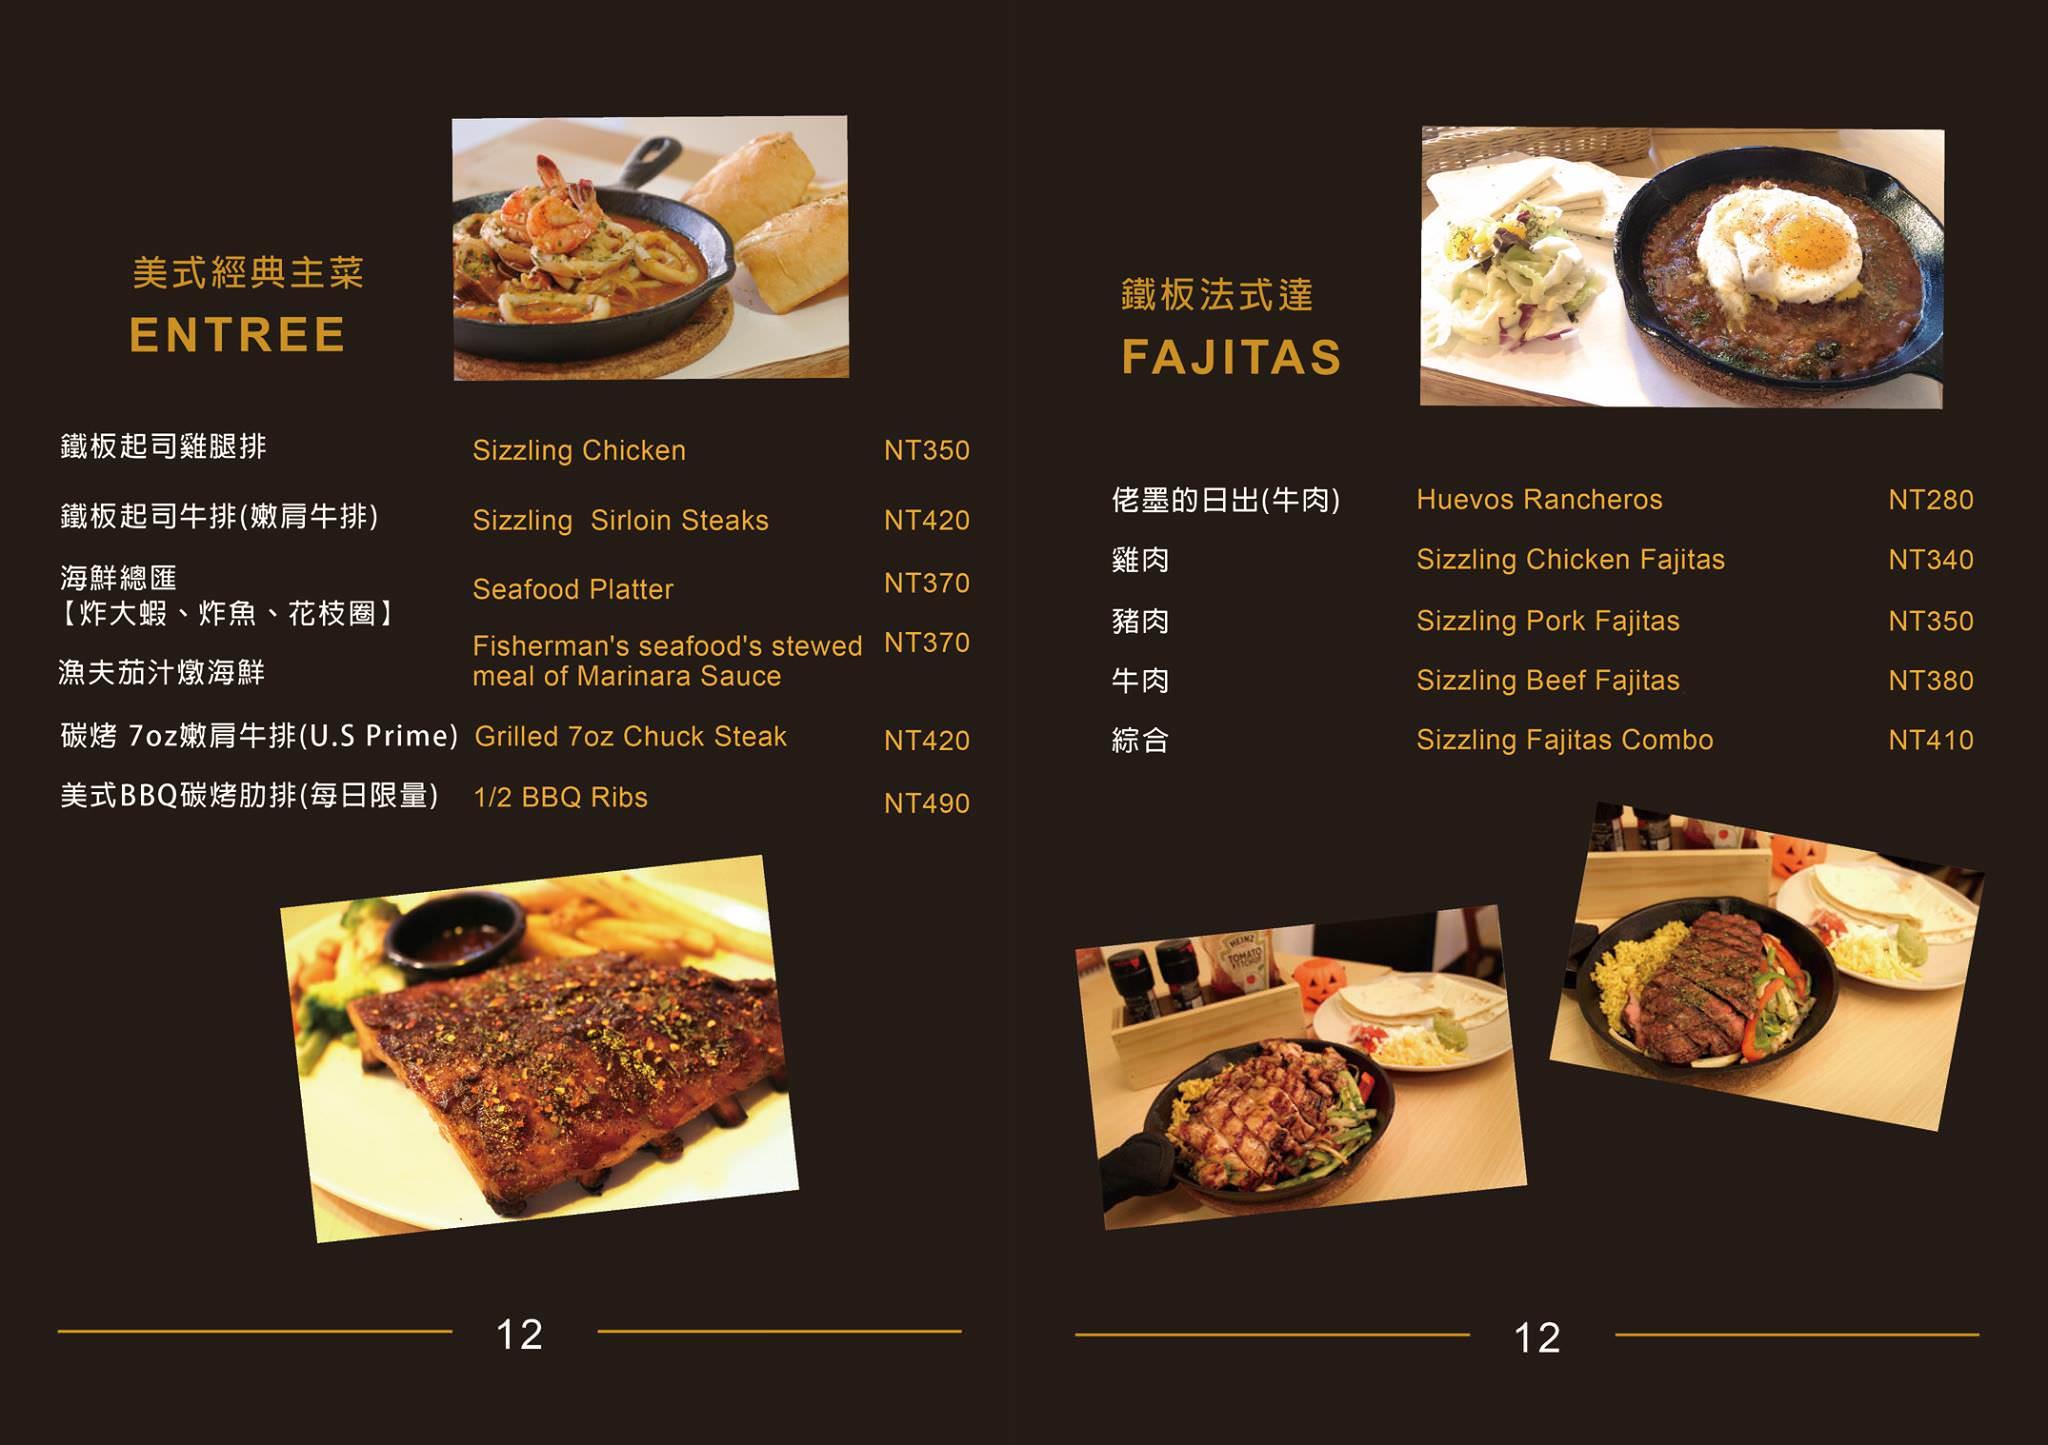 餐廳台北,餐廳推薦,AK12,AK12美式小館,台北捷運,捷運美食,西門美食,西門町 餐廳,美式餐廳,巴克斯,調酒-56